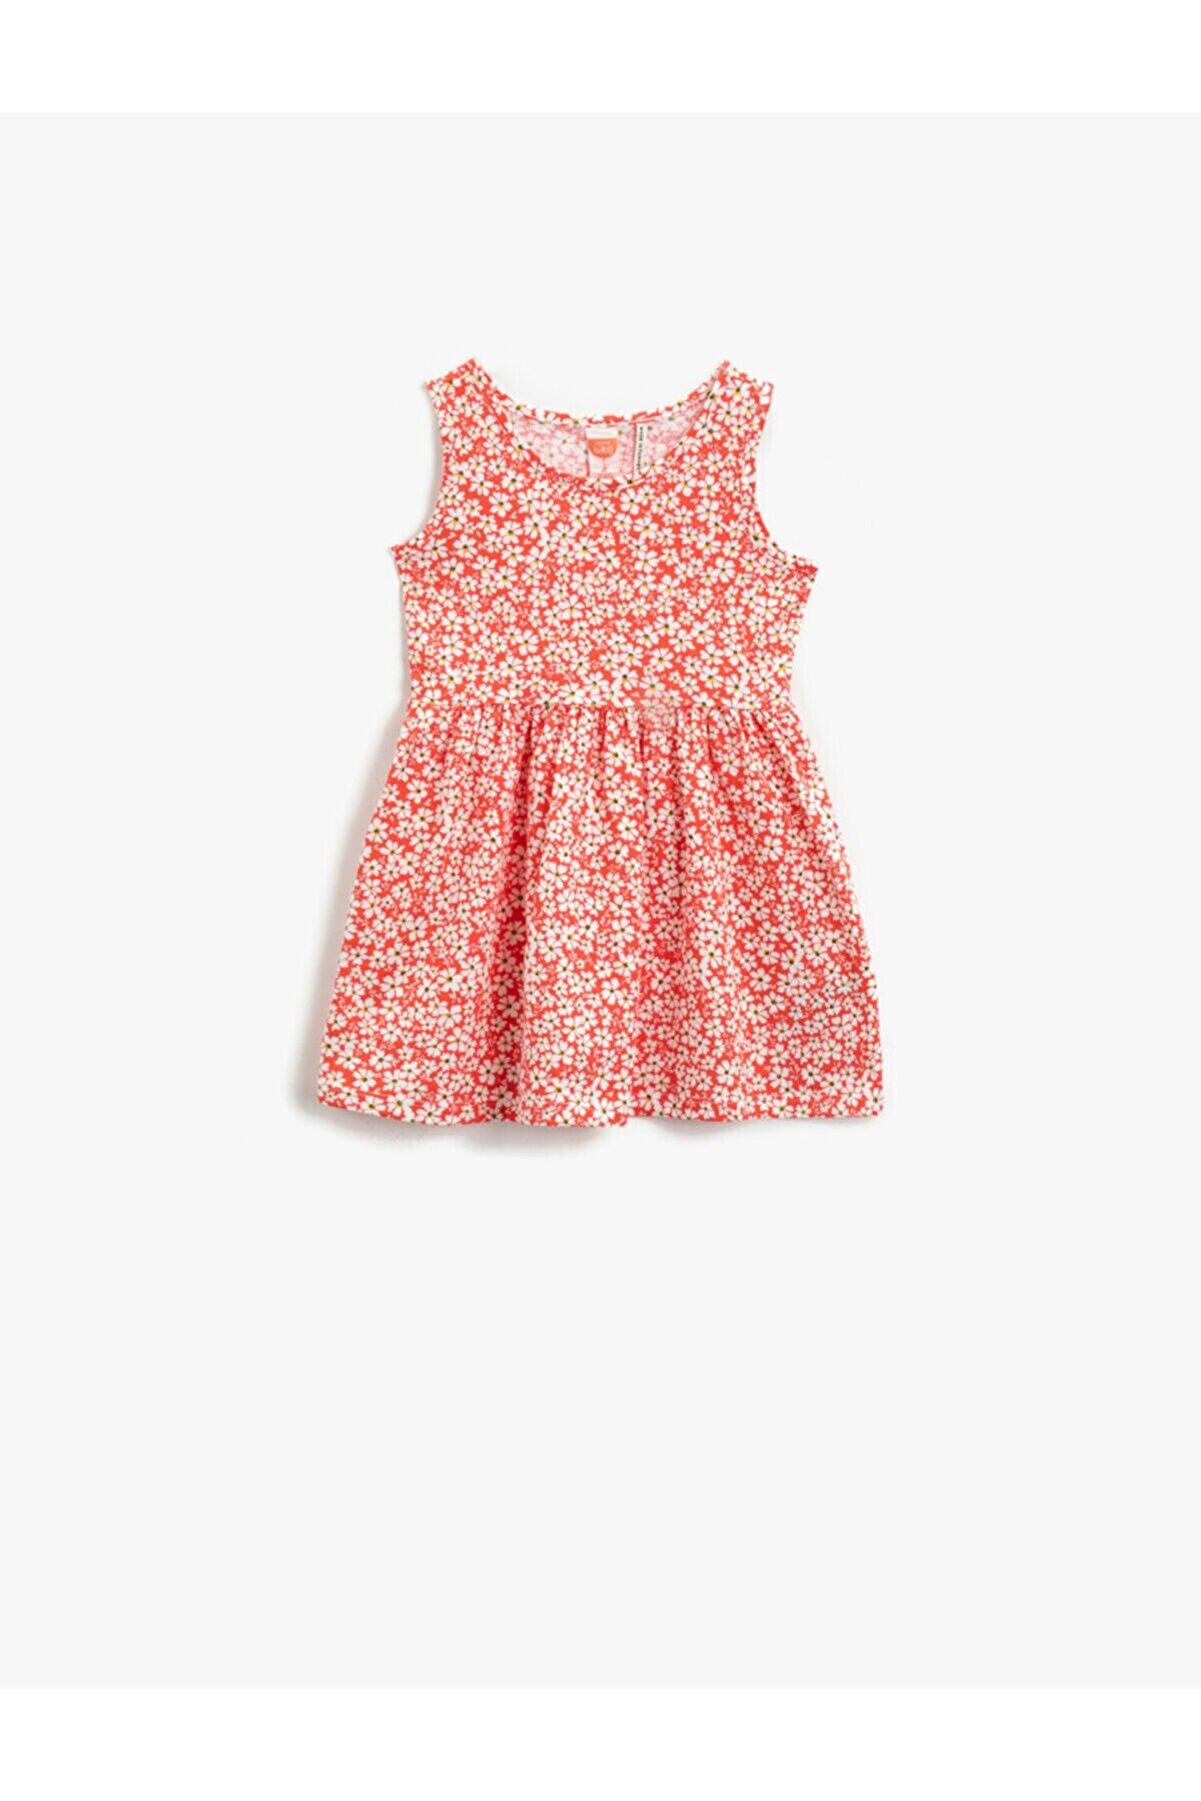 Koton Kız Bebek Kırmızı Kız Çiçekli Elbise